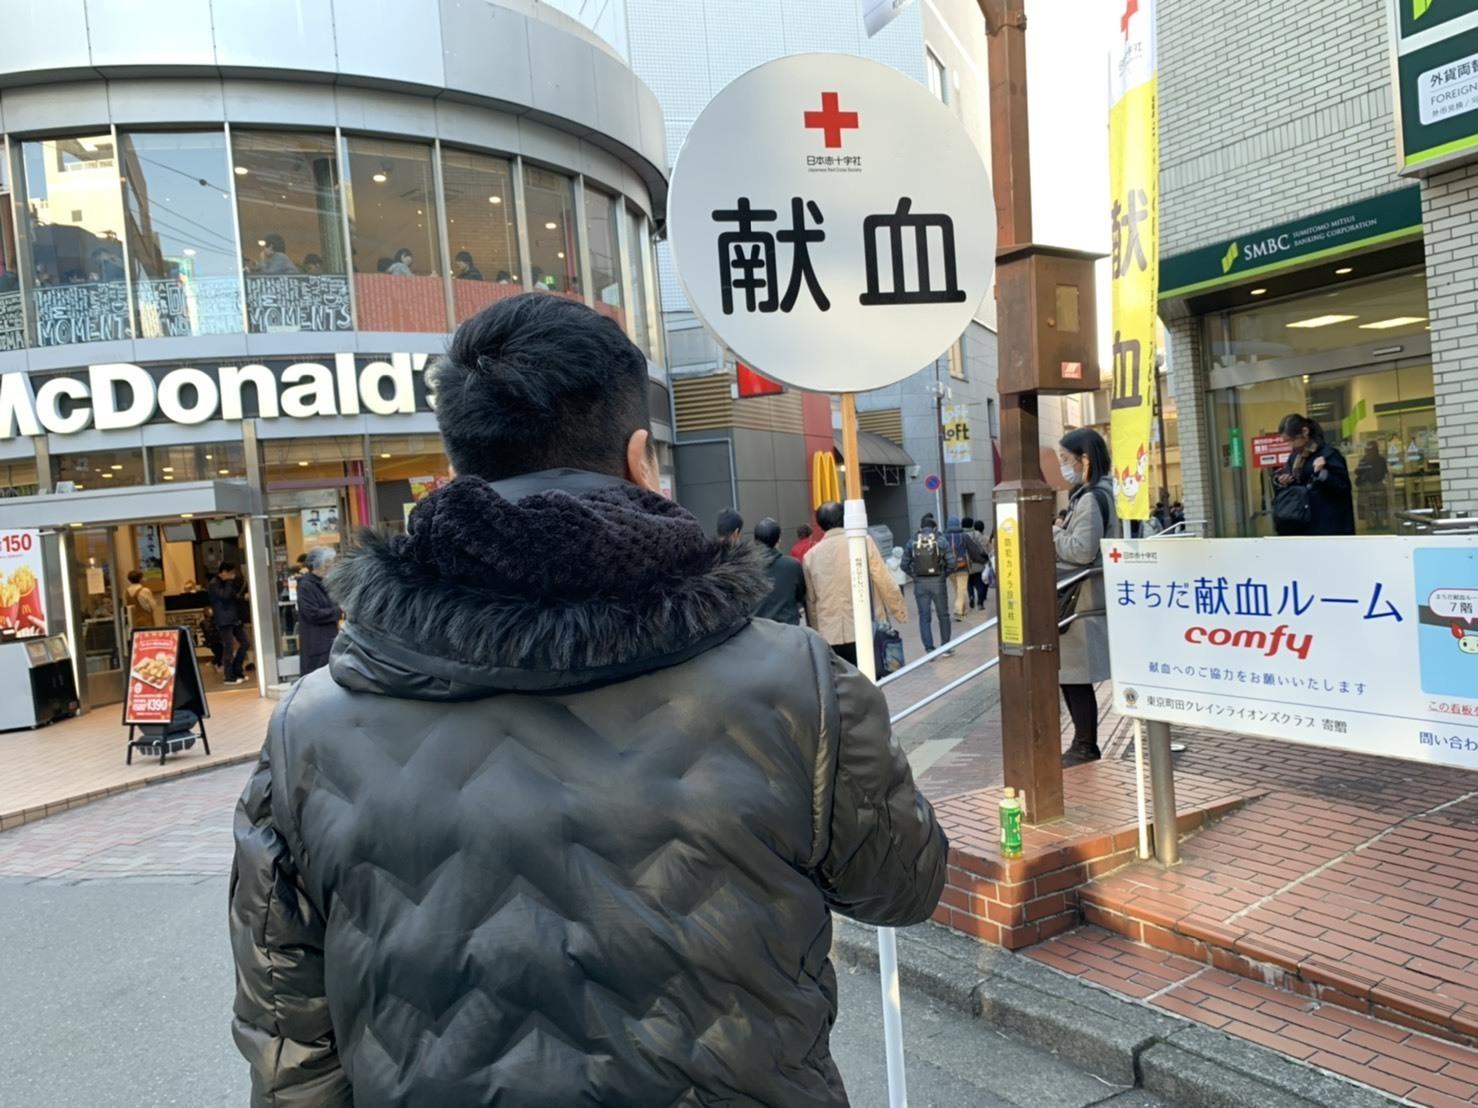 ルーム 町田 献血